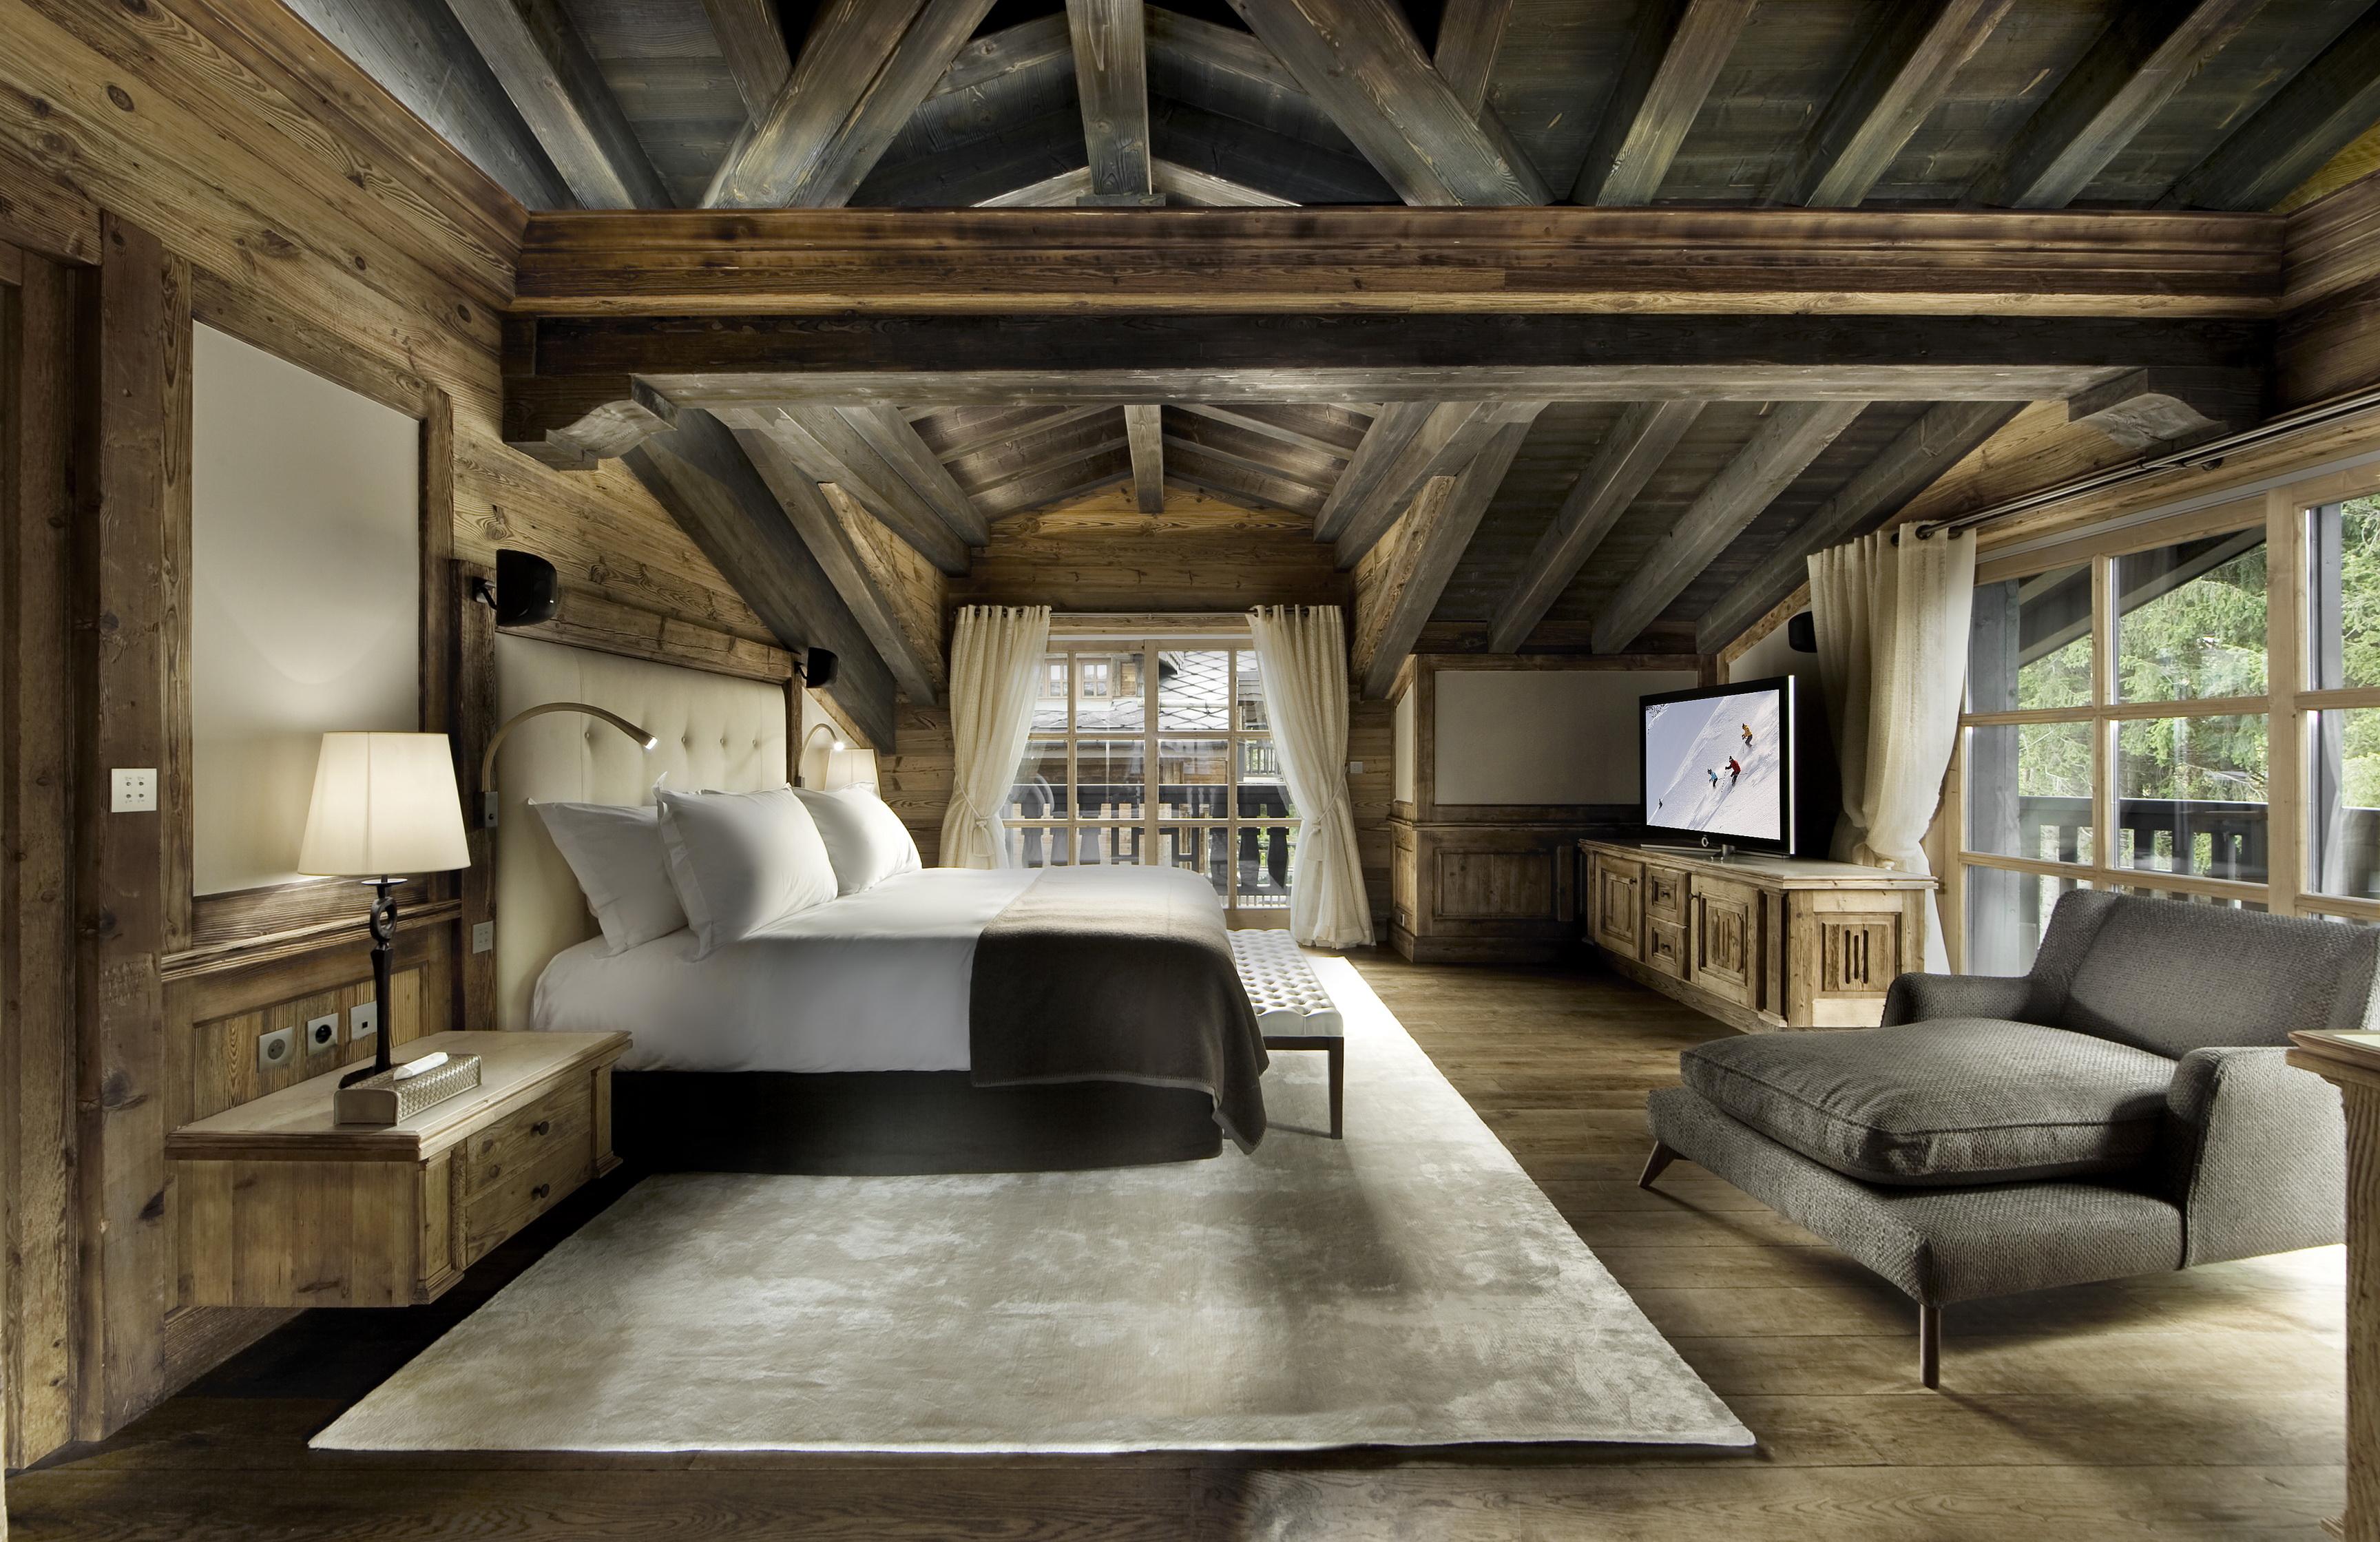 Интерьер ковры кровать  № 3537397 без смс